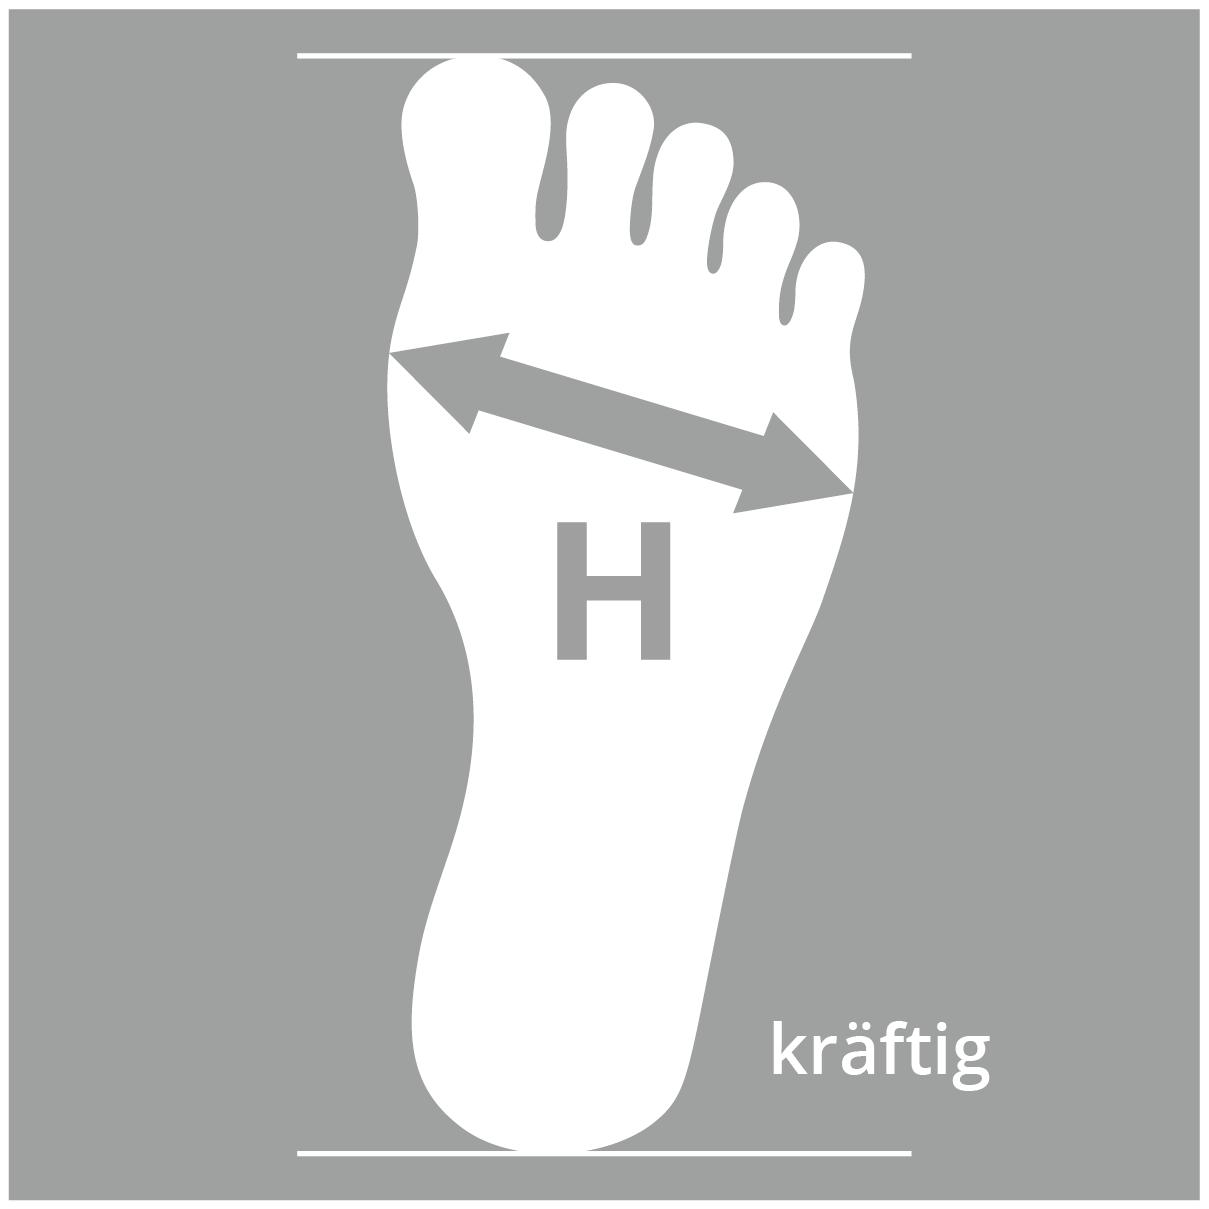 Schuhe mit Schuhweite H für kräftigere Füße